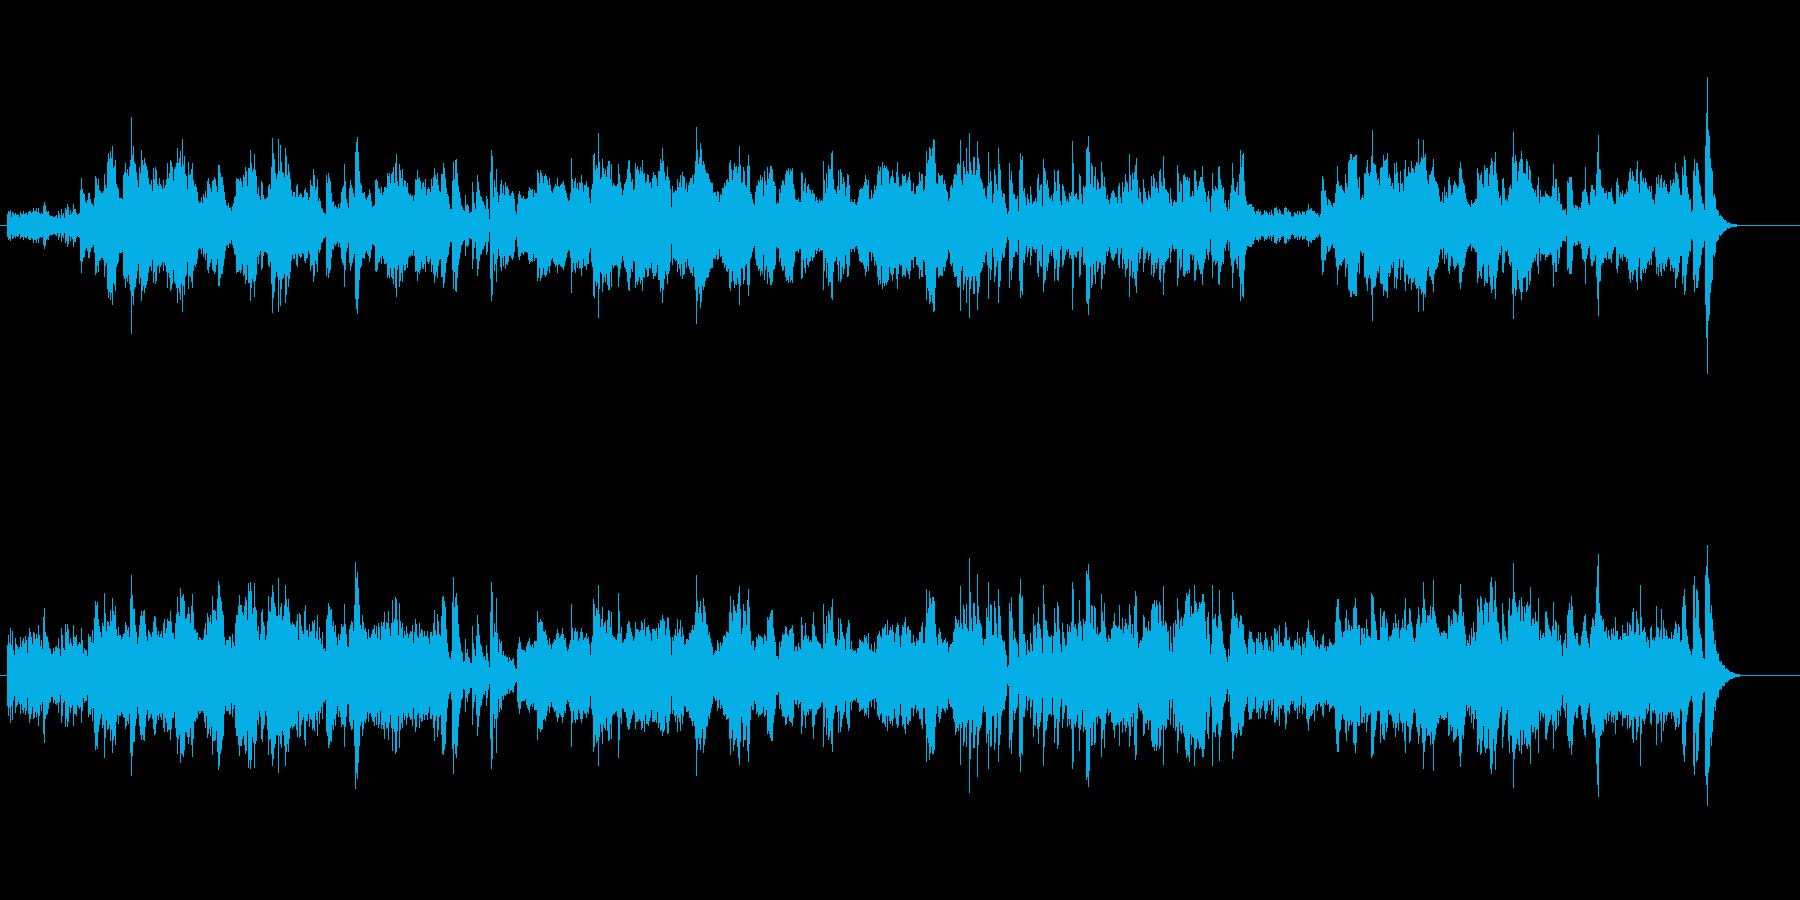 まやかしとまぼろしのワールドミュージックの再生済みの波形